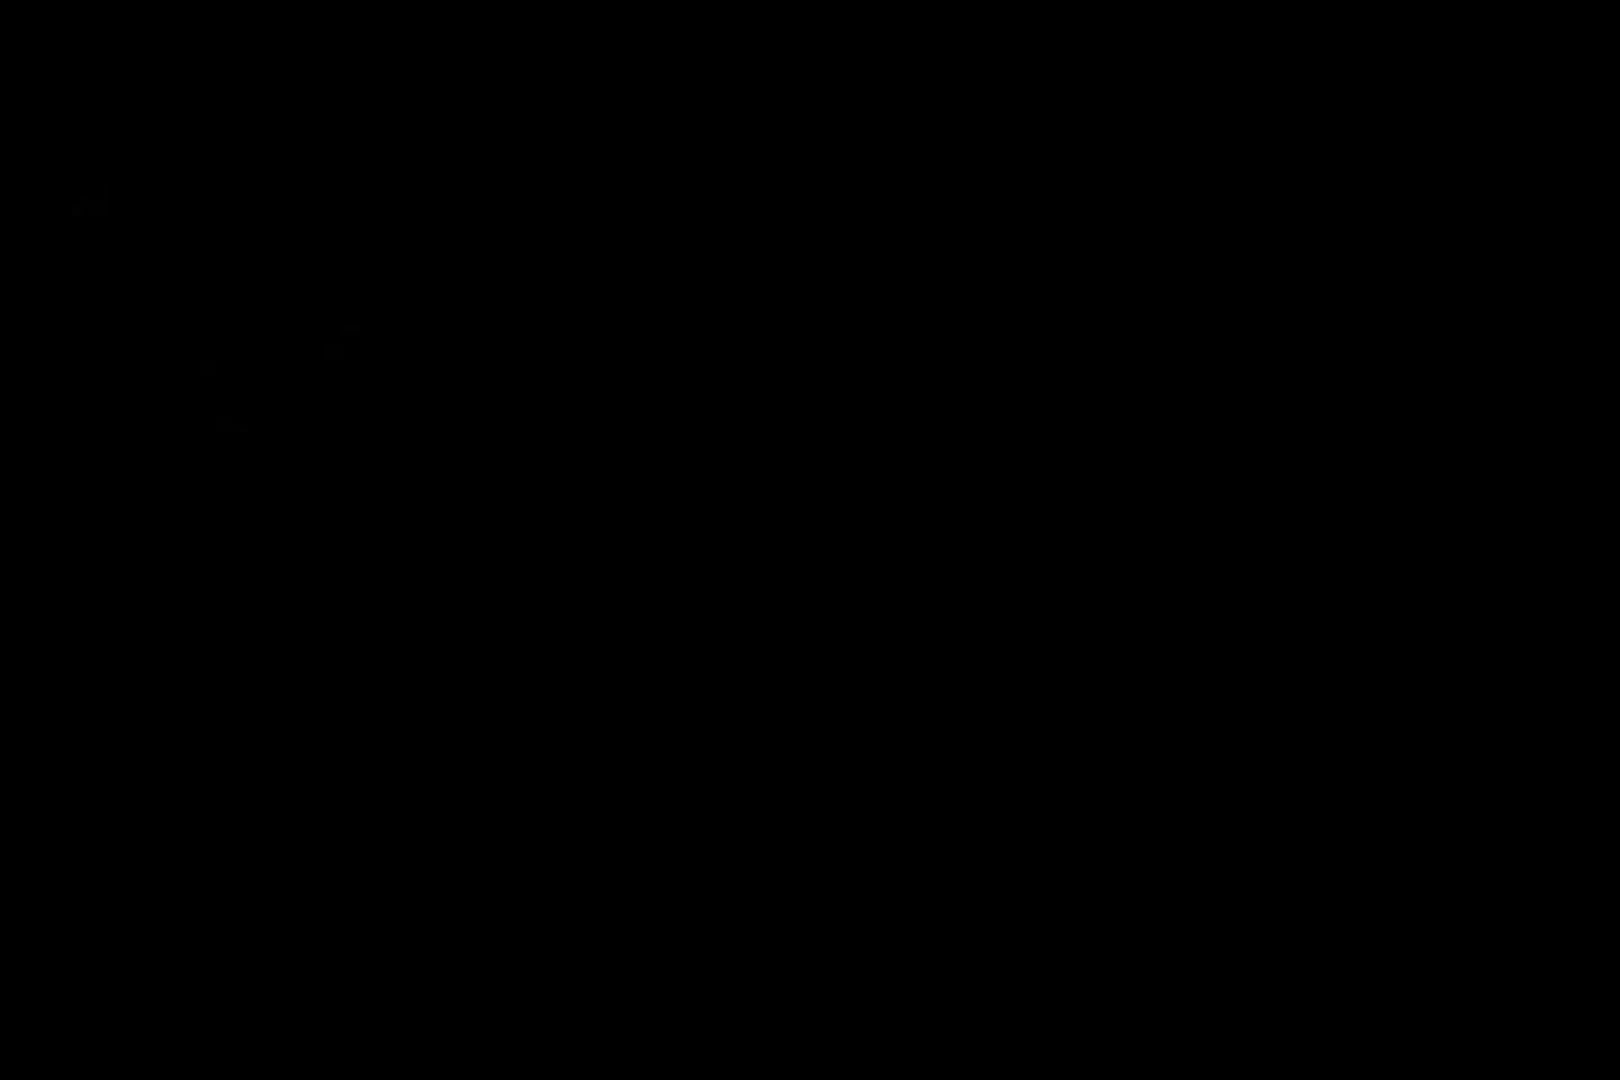 ぶっ掛け電車 只今運行中Vol.6 盗撮 オメコ無修正動画無料 73PICs 68